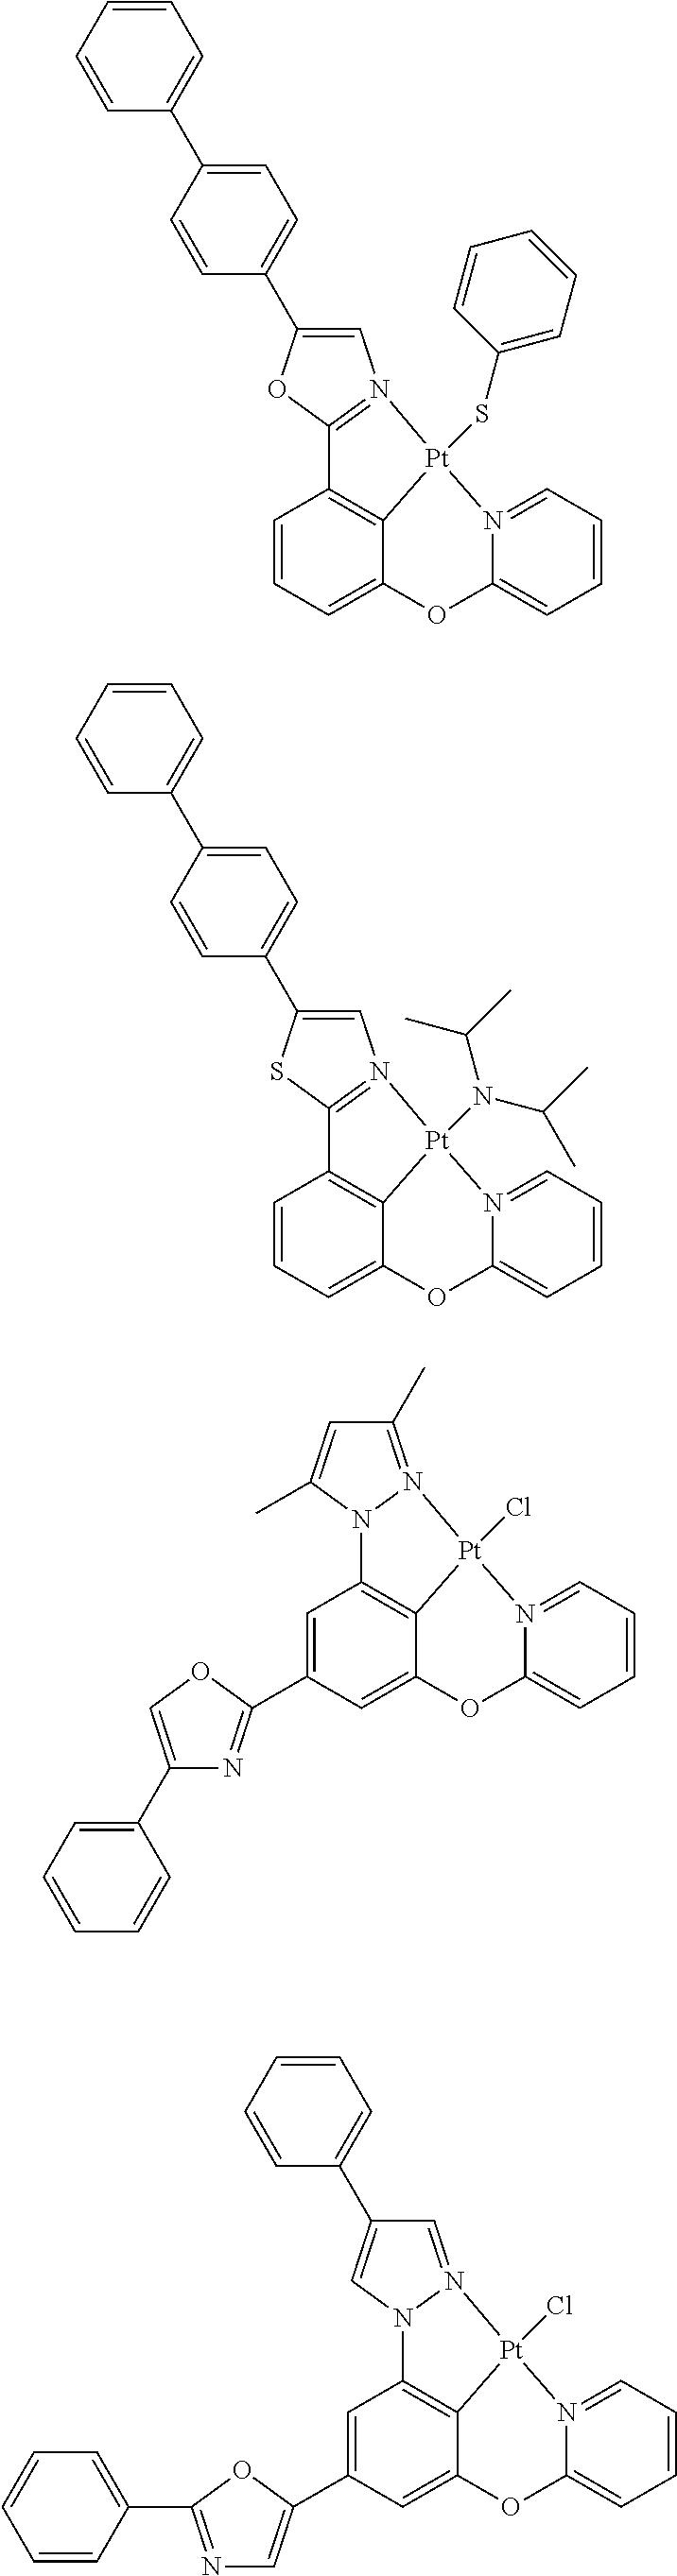 Figure US09818959-20171114-C00521